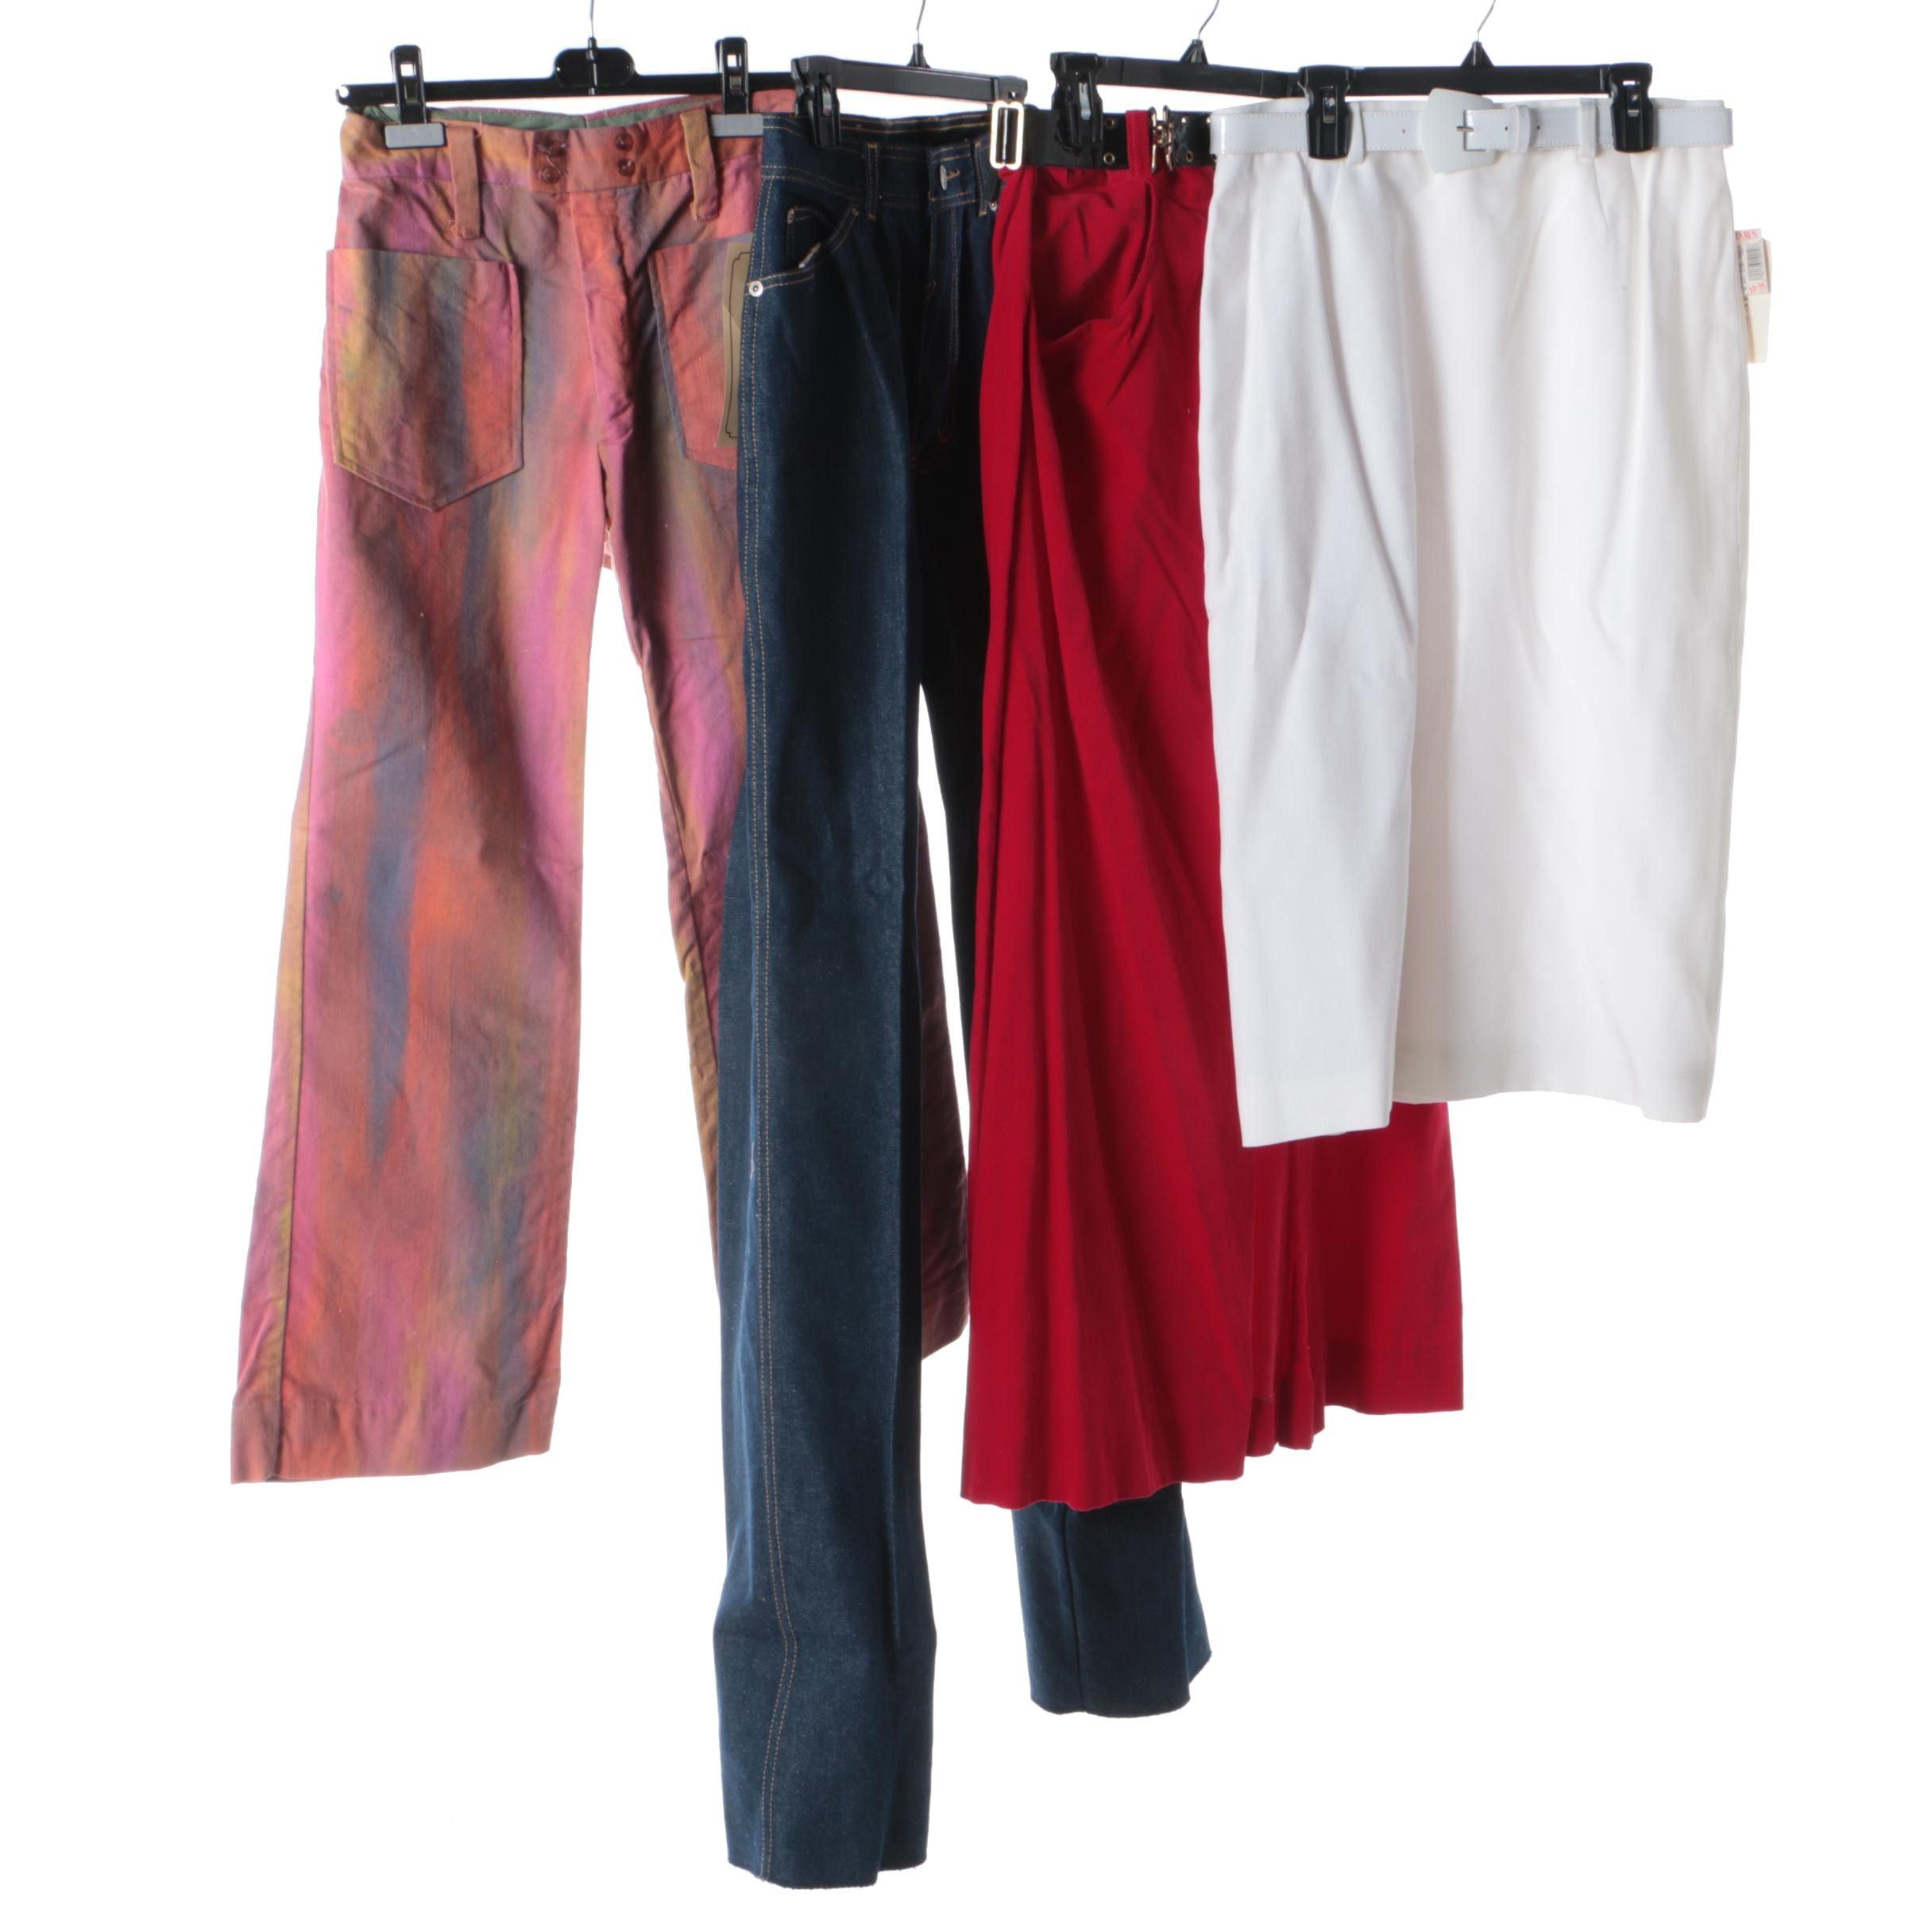 Pants and Skirts Including Oscar de la Renta, Vintage